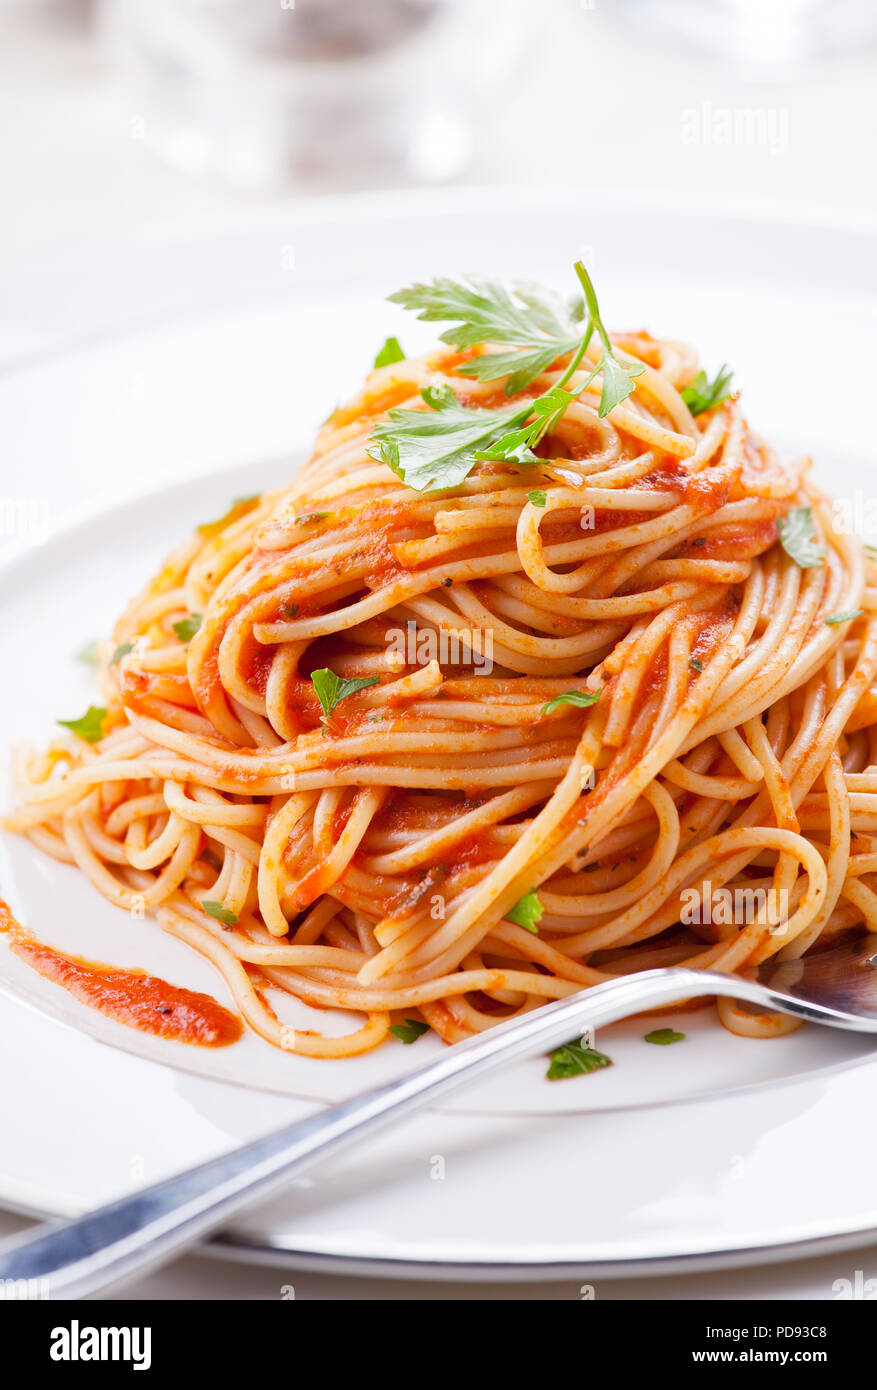 Plat de pâtes avec de la sauce tomate et persil Photo Stock